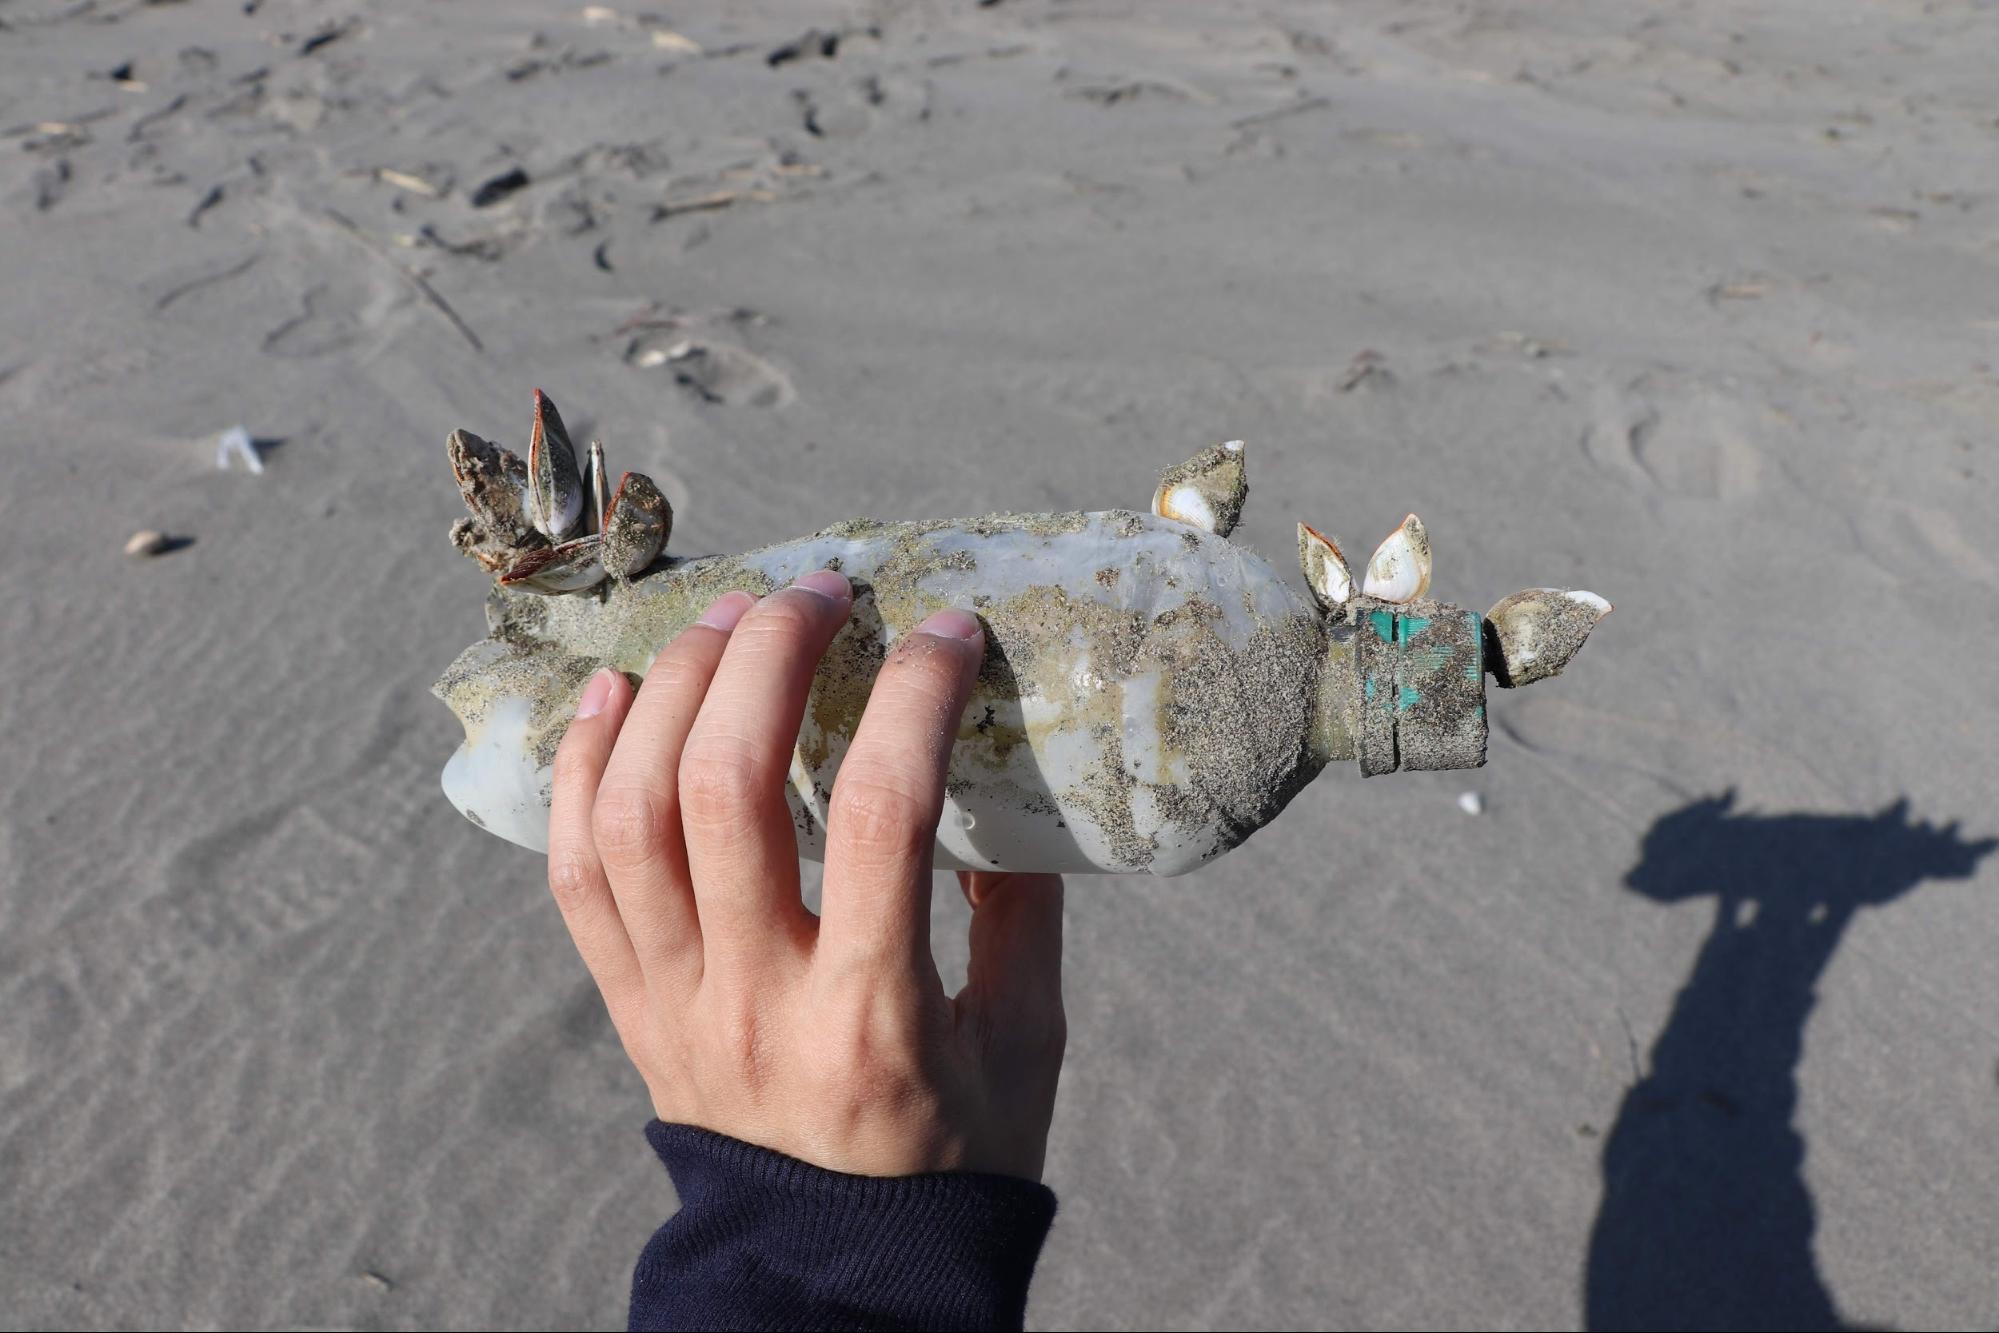 寶特瓶與貝類共存,若分解成為海洋塑膠微粒,屬於次級微塑膠